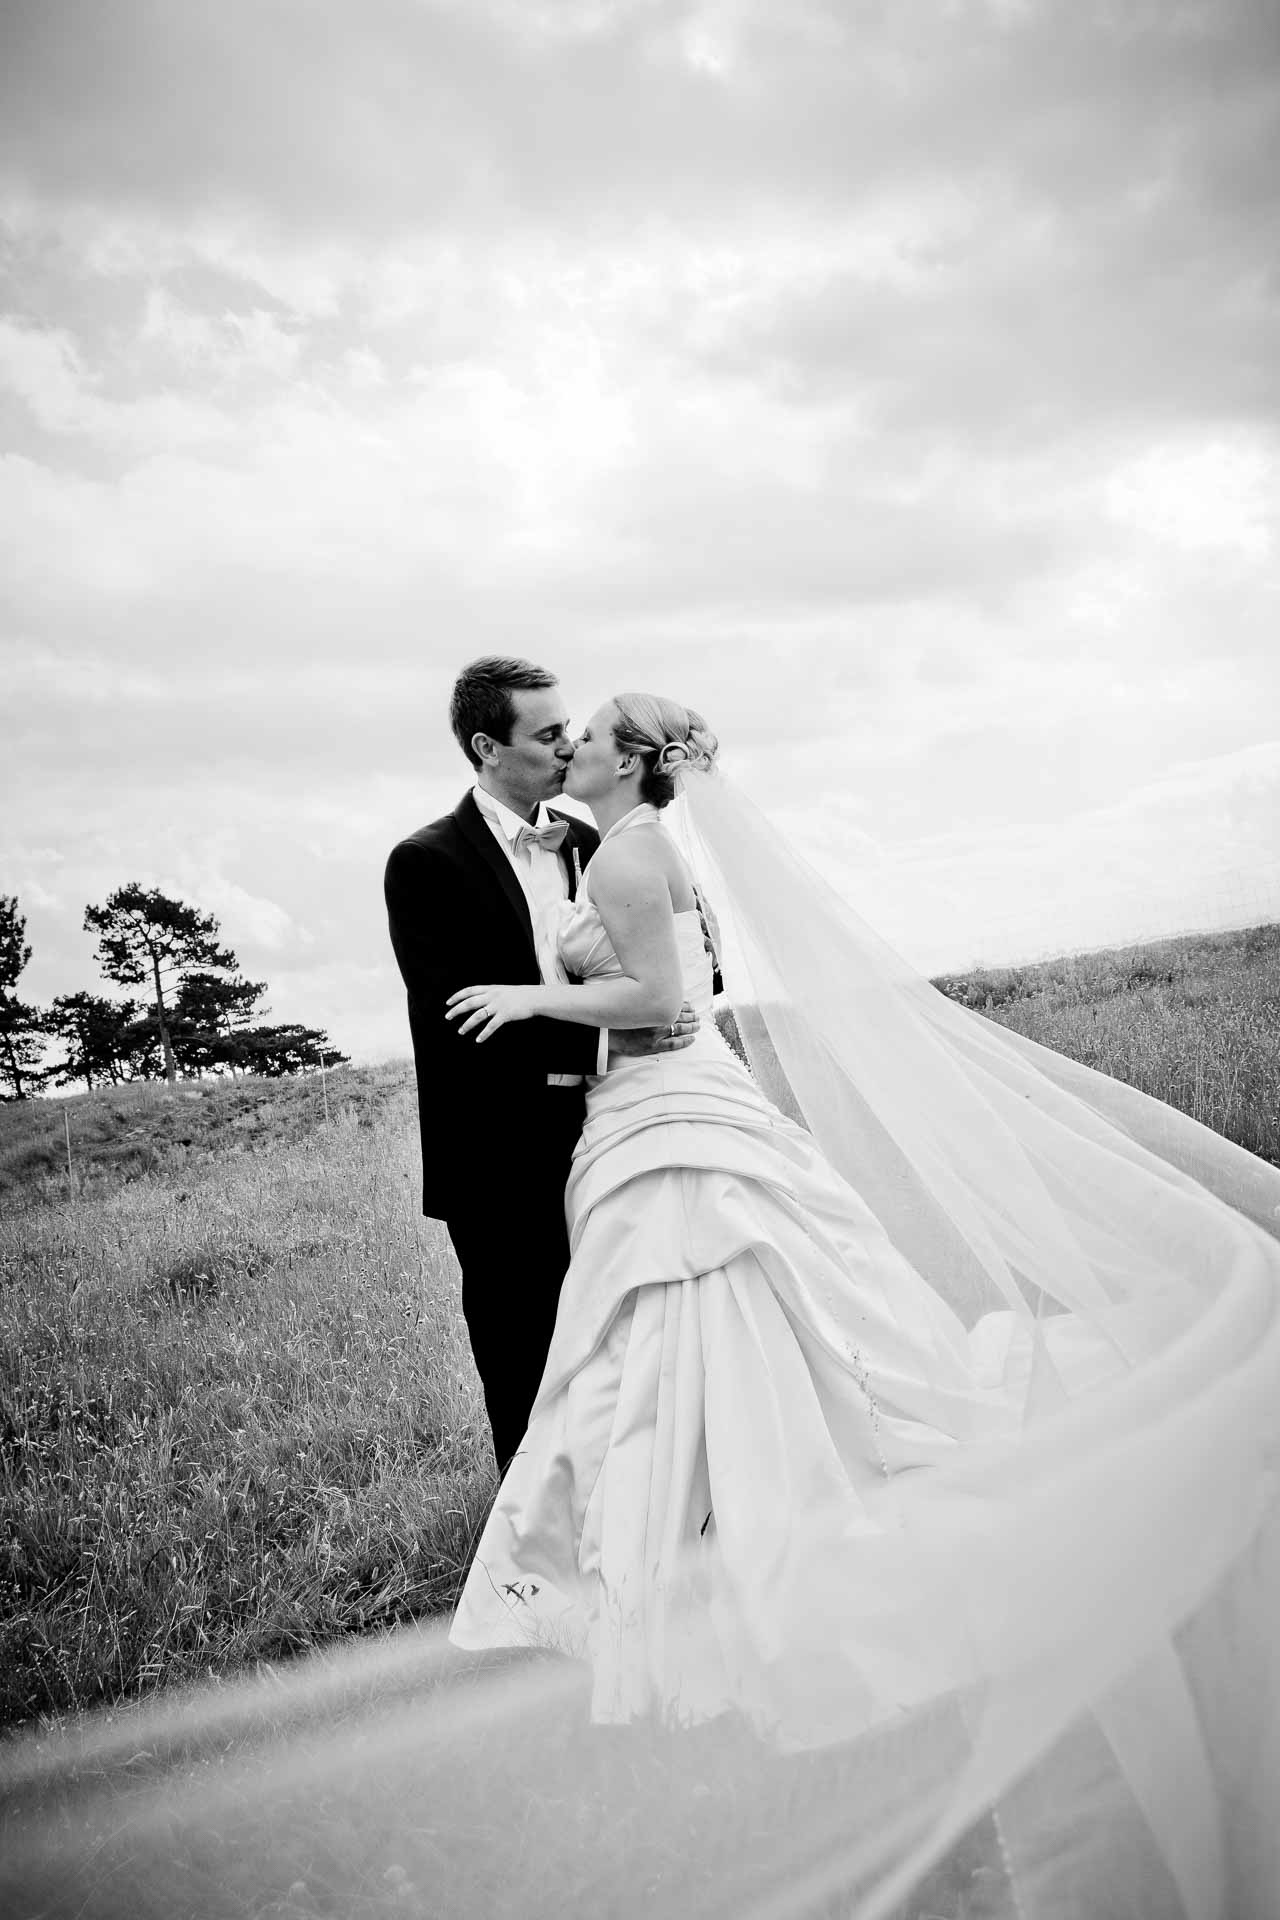 fotokunstnerisk bryllupsfoto